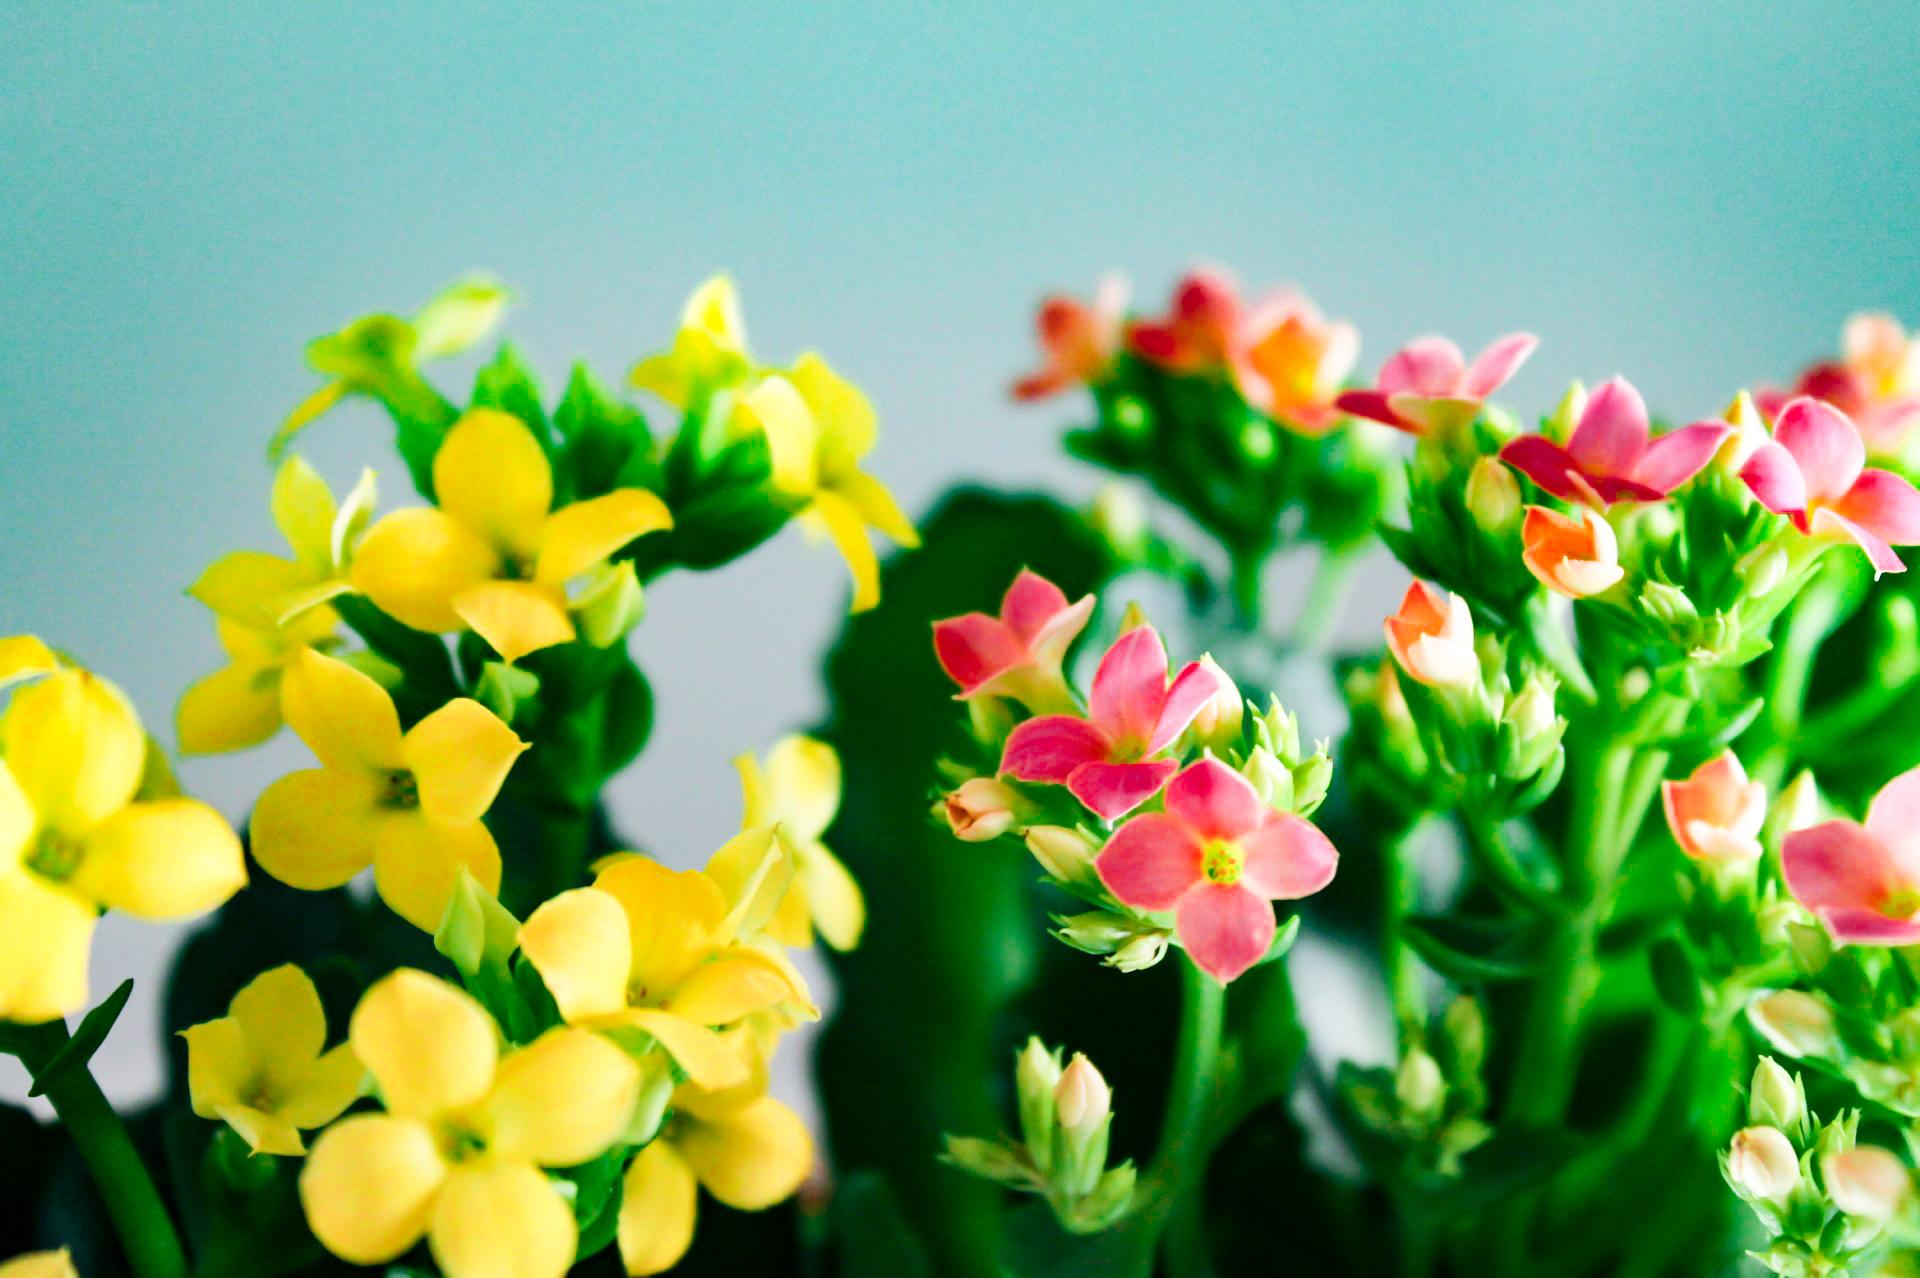 カランコエ黄色とピンクの寄せ植え